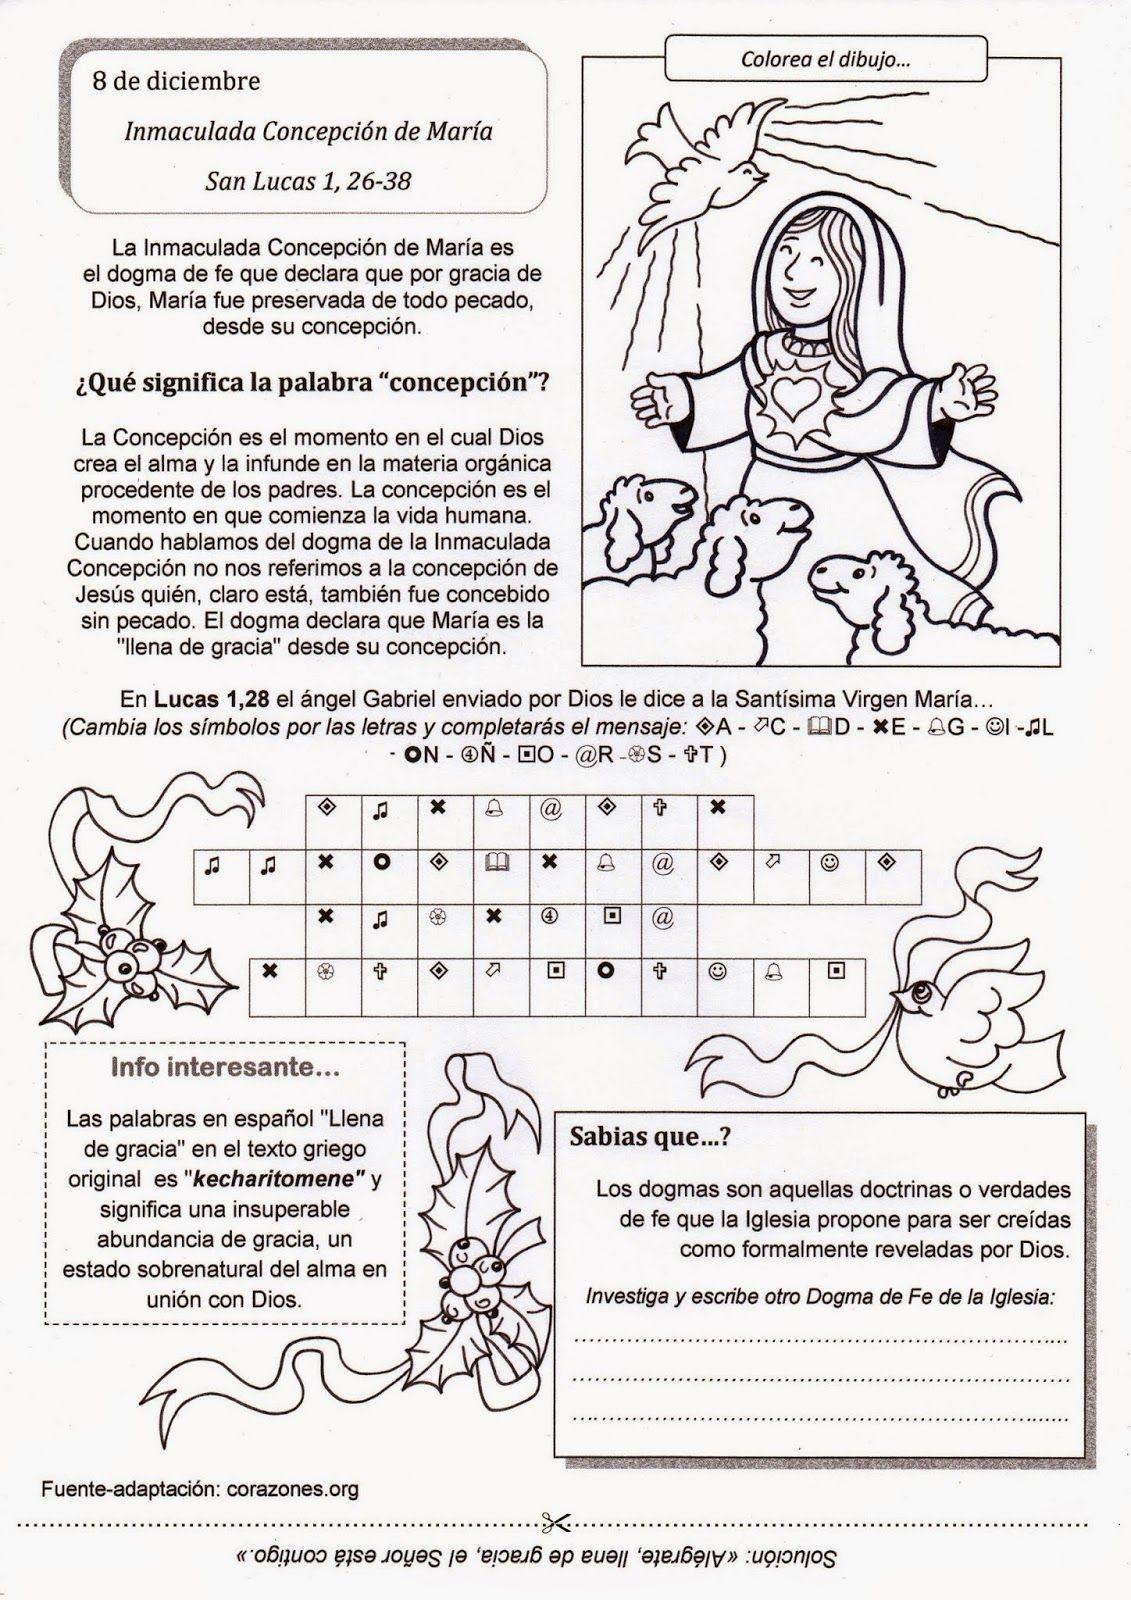 El Rincón de las Melli: Inmaculada Concepción de María ...